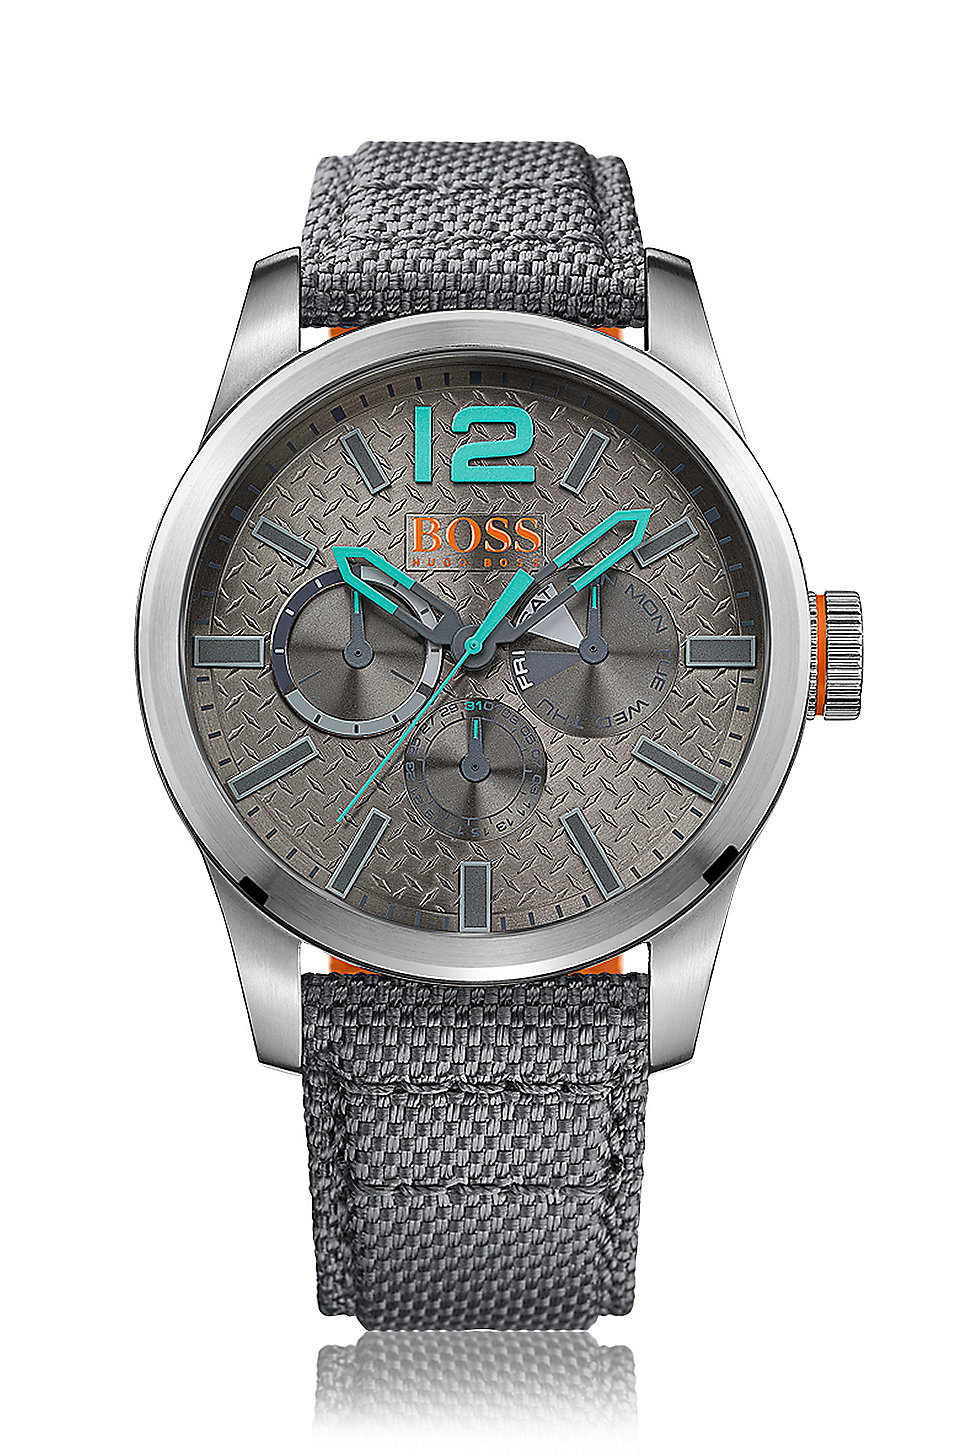 39e4b4f2045d BOSS - Reloj con indicadores y correa con tejido de Kevlar   PARIS